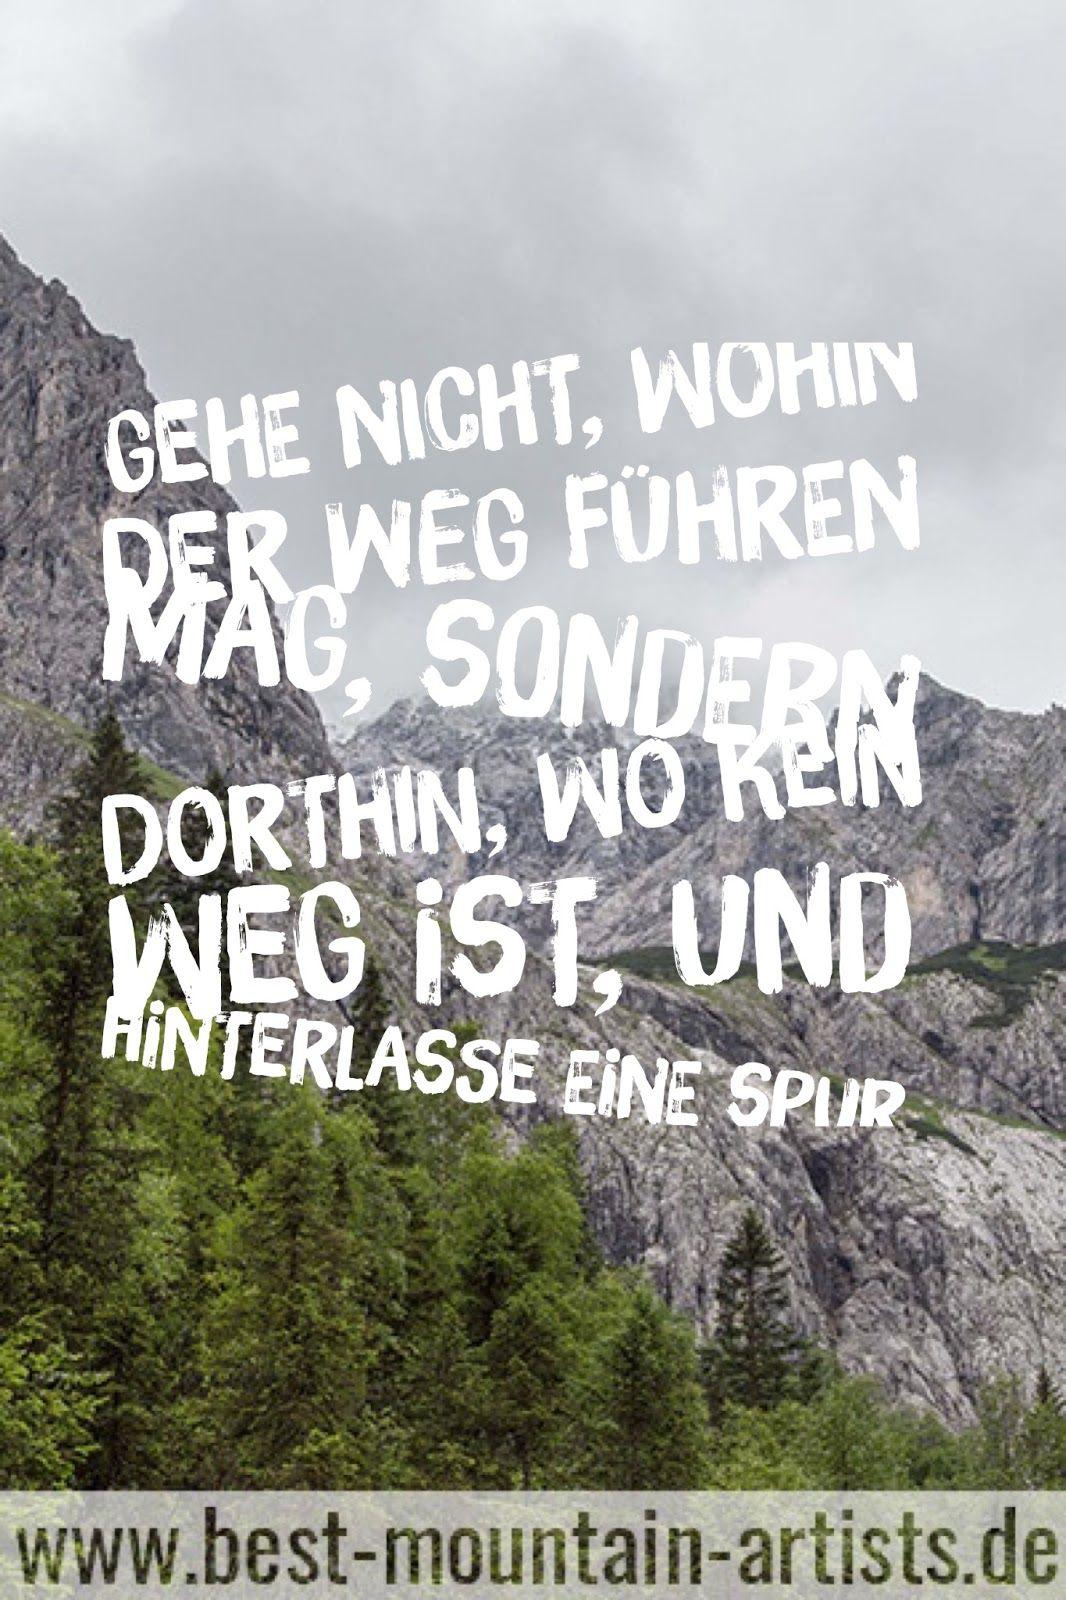 13 Of Spruche Wandern February 2020 1672164ce4